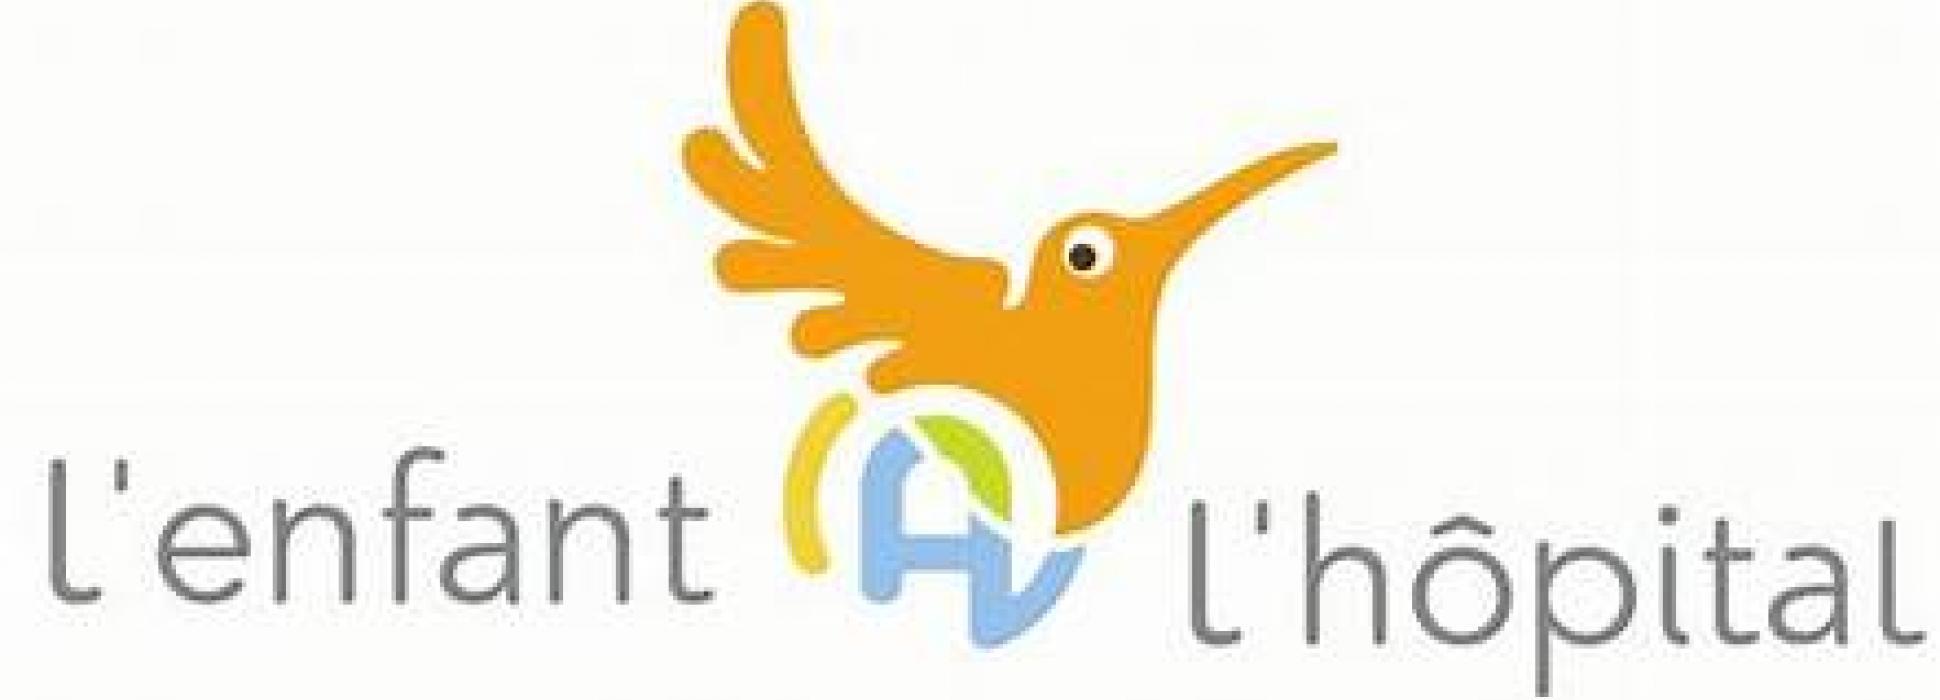 Smart-appart a offert une contrepartie de deux nuits dans une de ses résidences hôtelières pour le crowdfunding social mis en place pour l'association L'enfant@l'hôpital